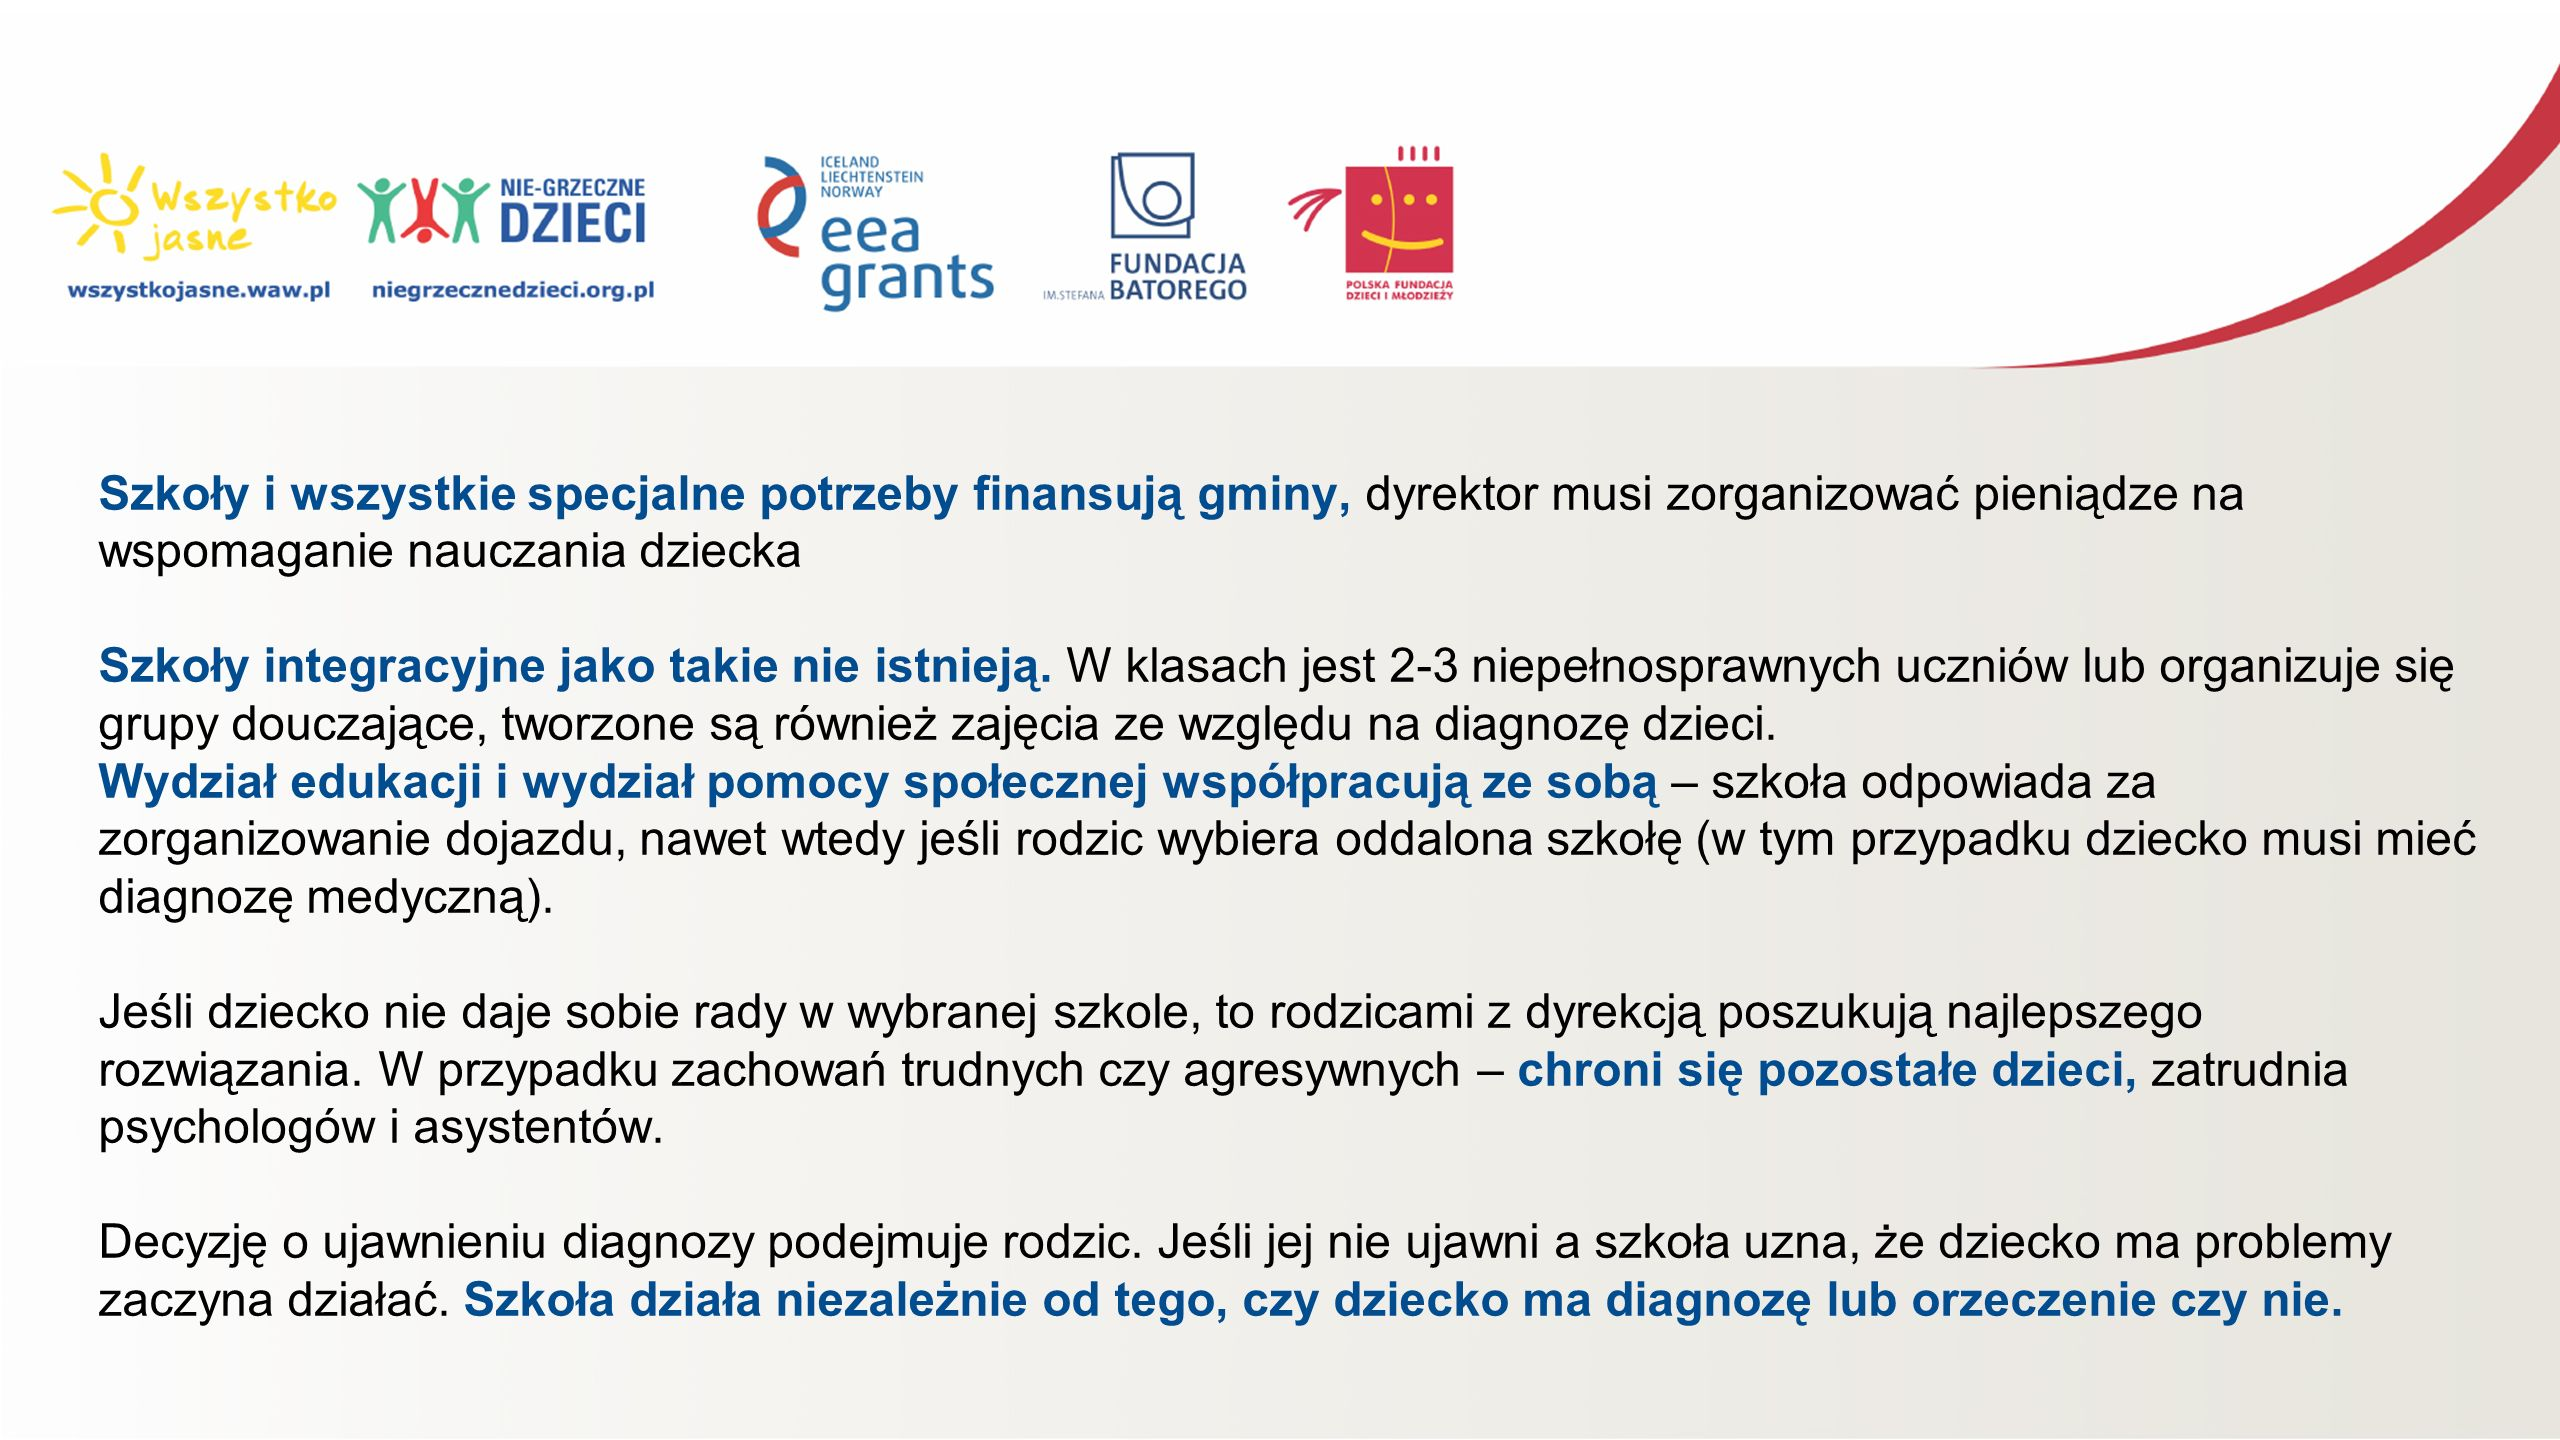 Szkoły i wszystkie specjalne potrzeby finansują gminy, dyrektor musi zorganizować pieniądze na wspomaganie nauczania dziecka Szkoły integracyjne jako takie nie istnieją.